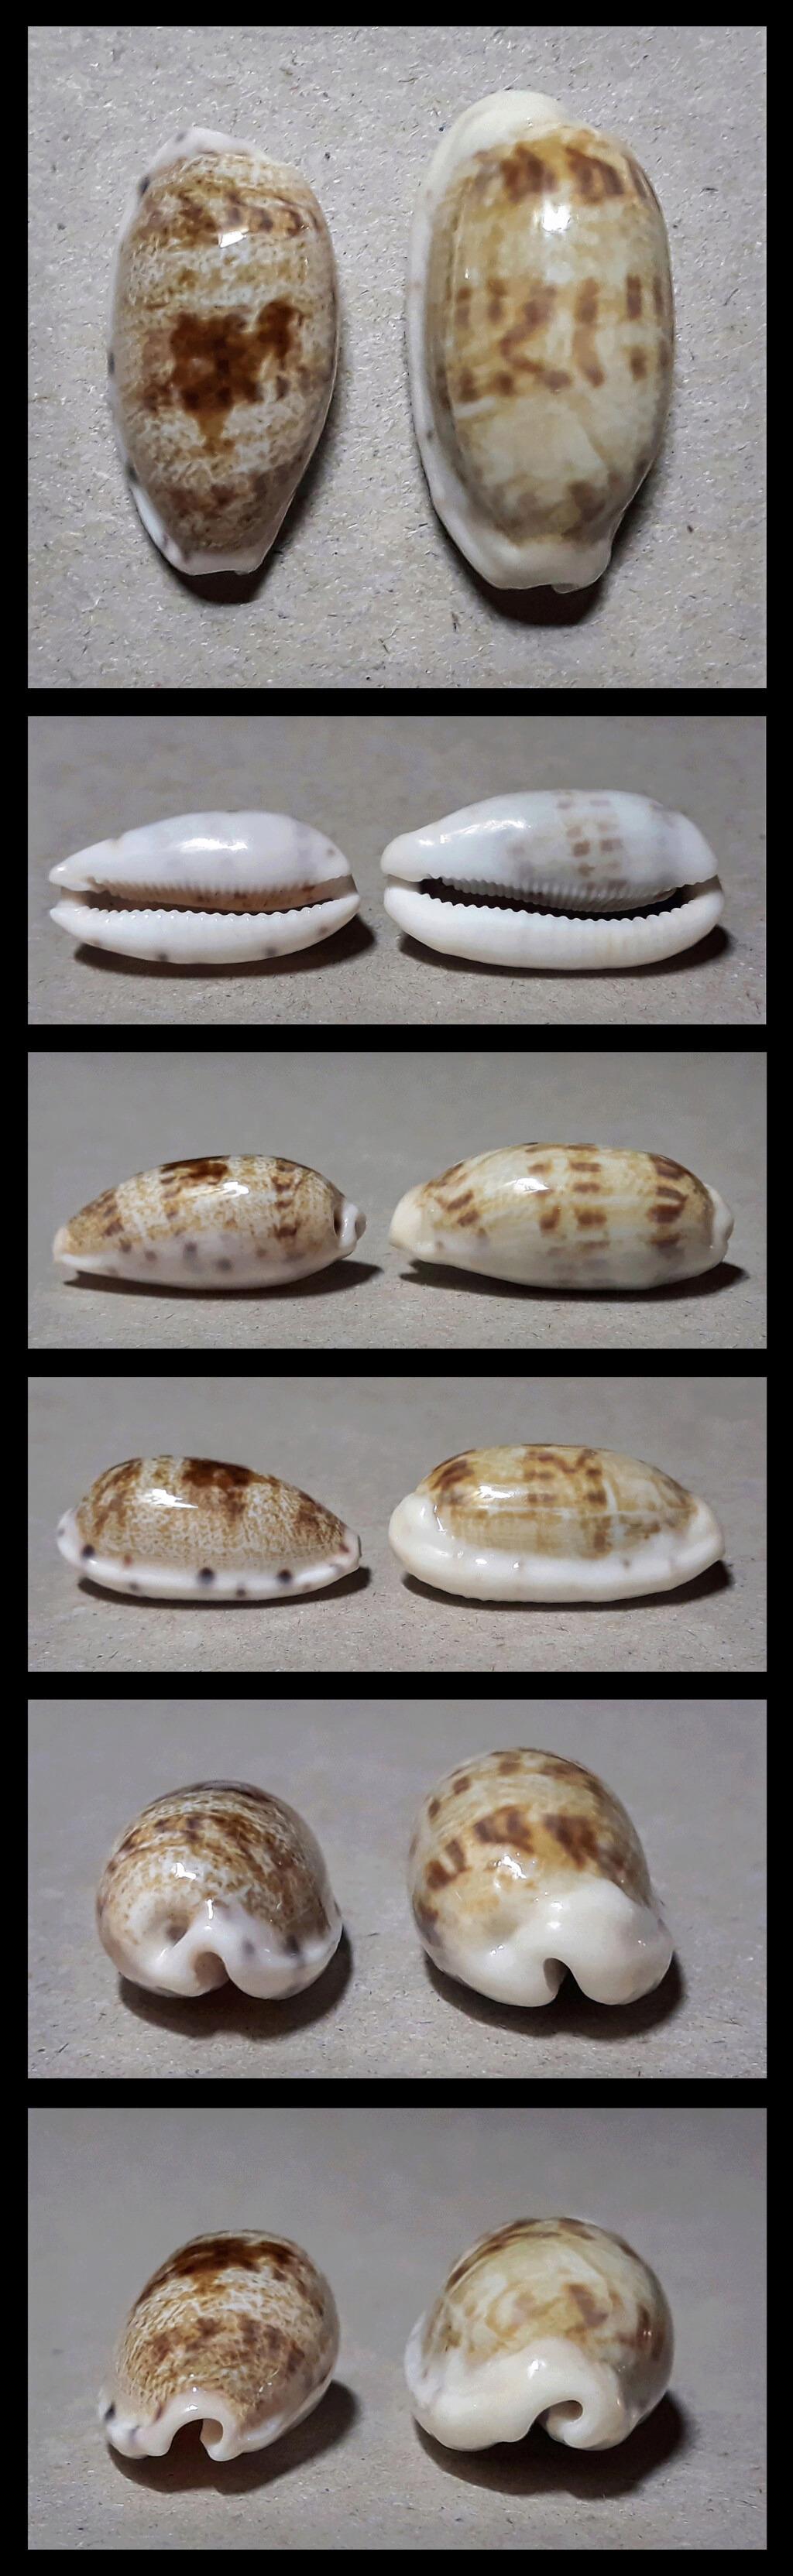 Talostolida pellucens pellucens - (Melvill, 1888) & Talostolida teres teres (Gmelin, 1791) Terpel11